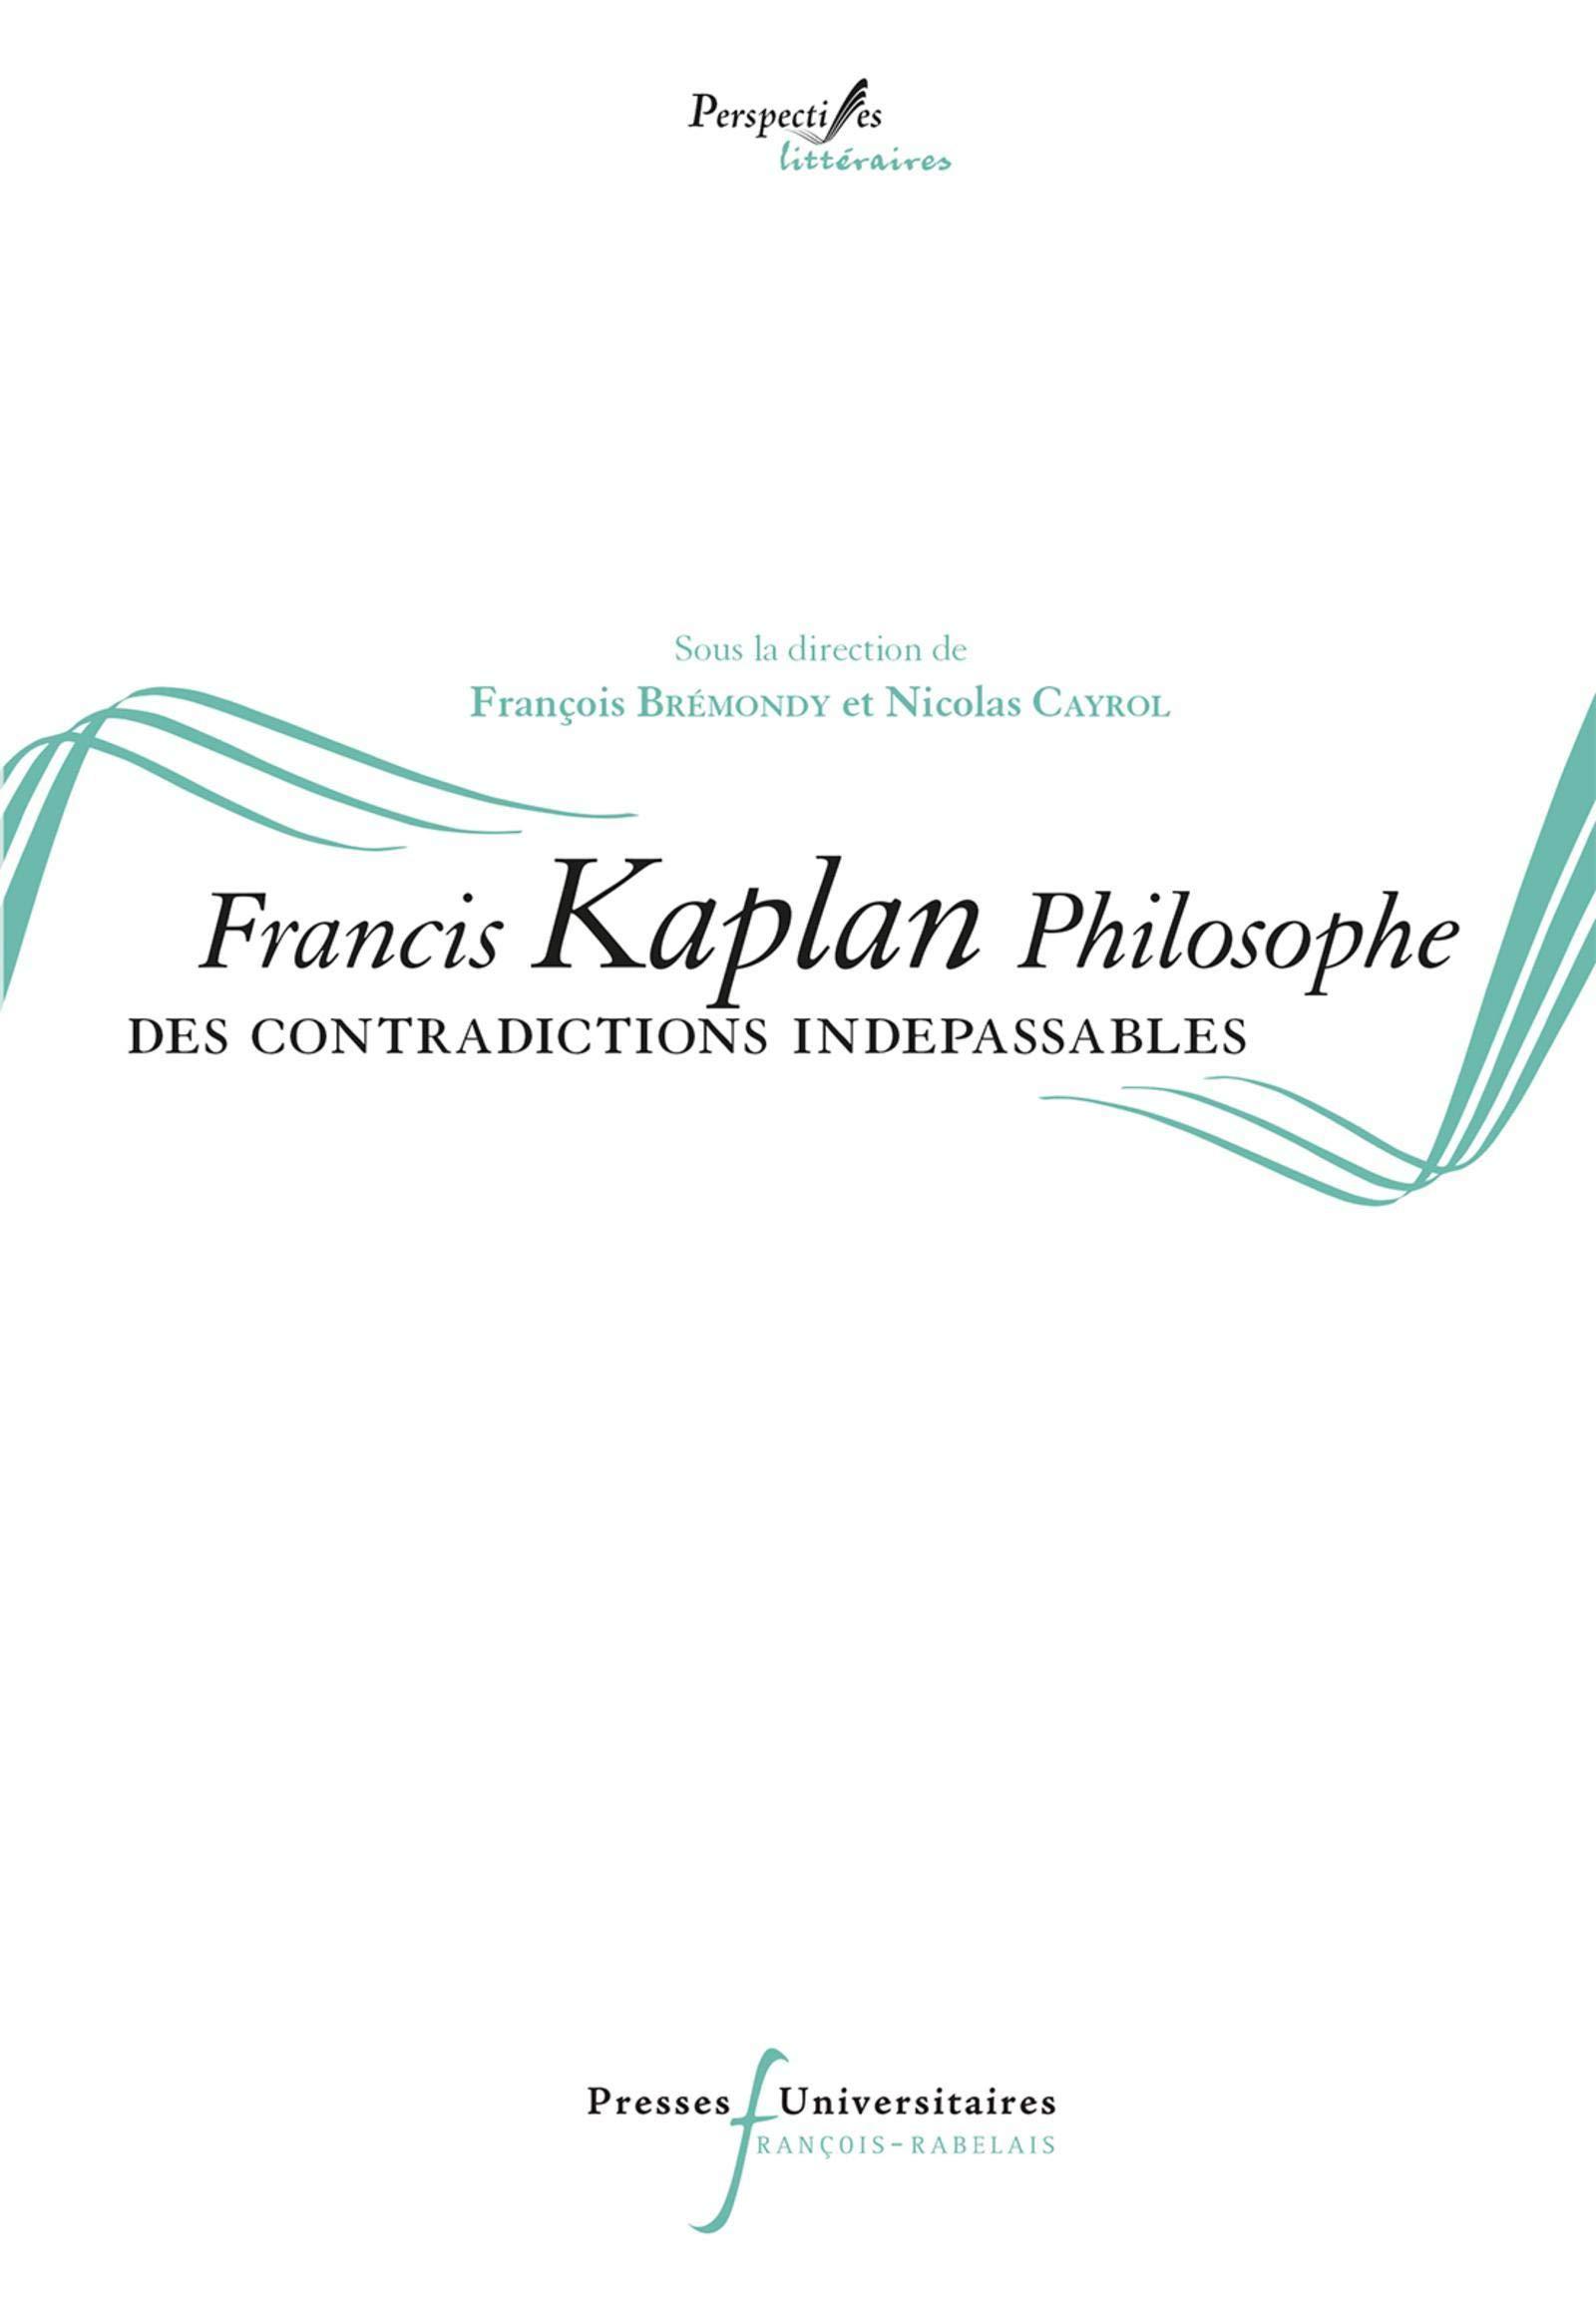 Francis Kaplan Philosophe. Des contradictions indépassables